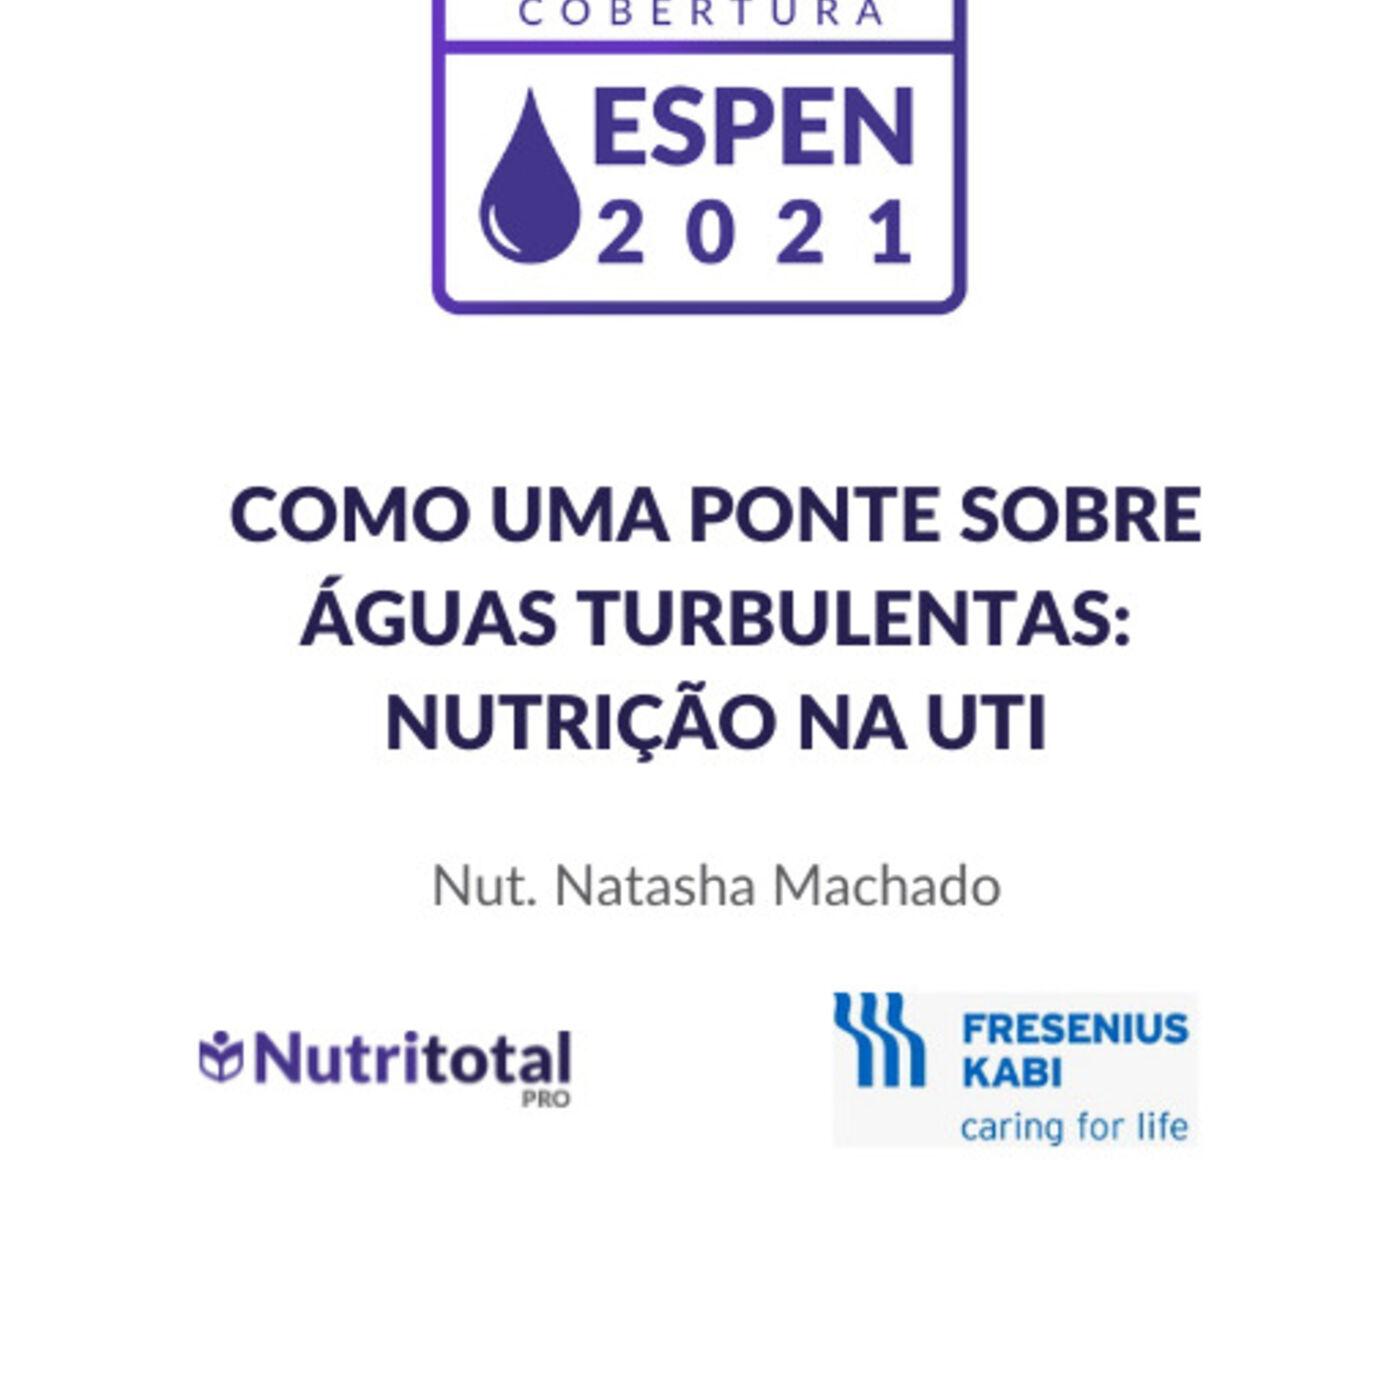 Congresso ESPEN 2021: Como uma ponte sobre águas turbulentas -  Nutrição na UTI